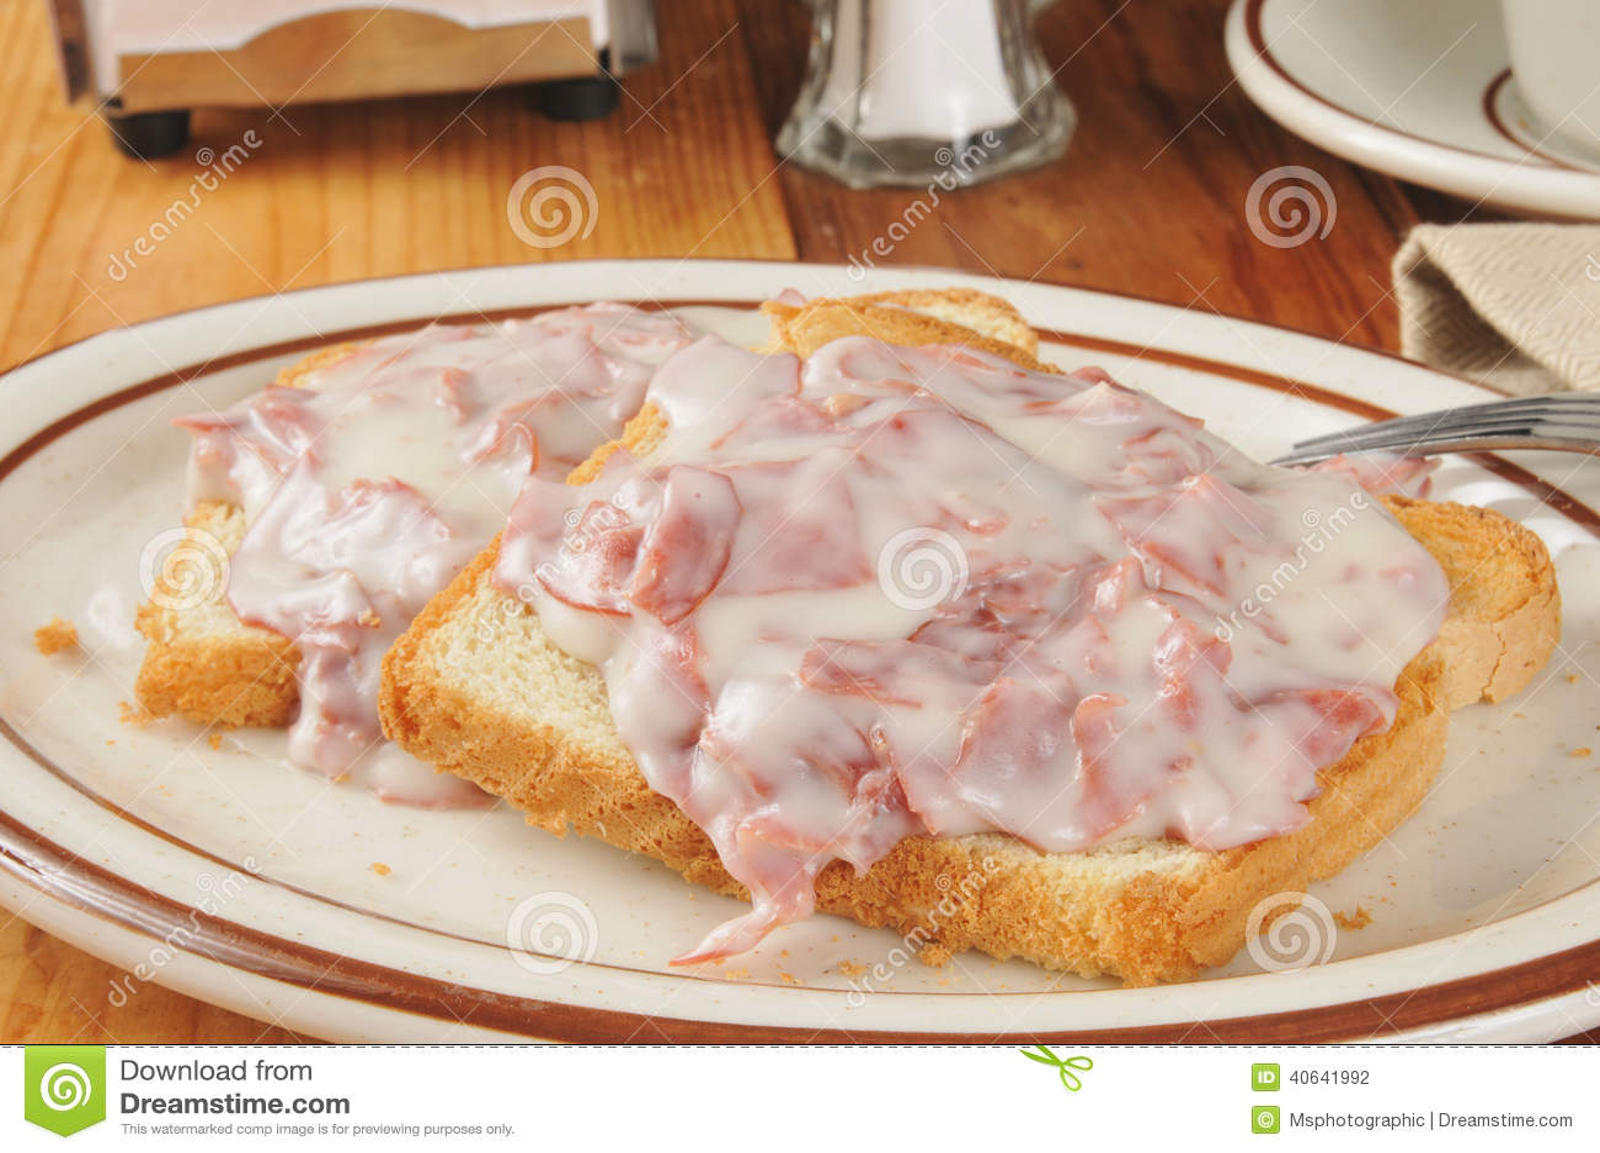 Boeuf ébréché sur le pain grillé